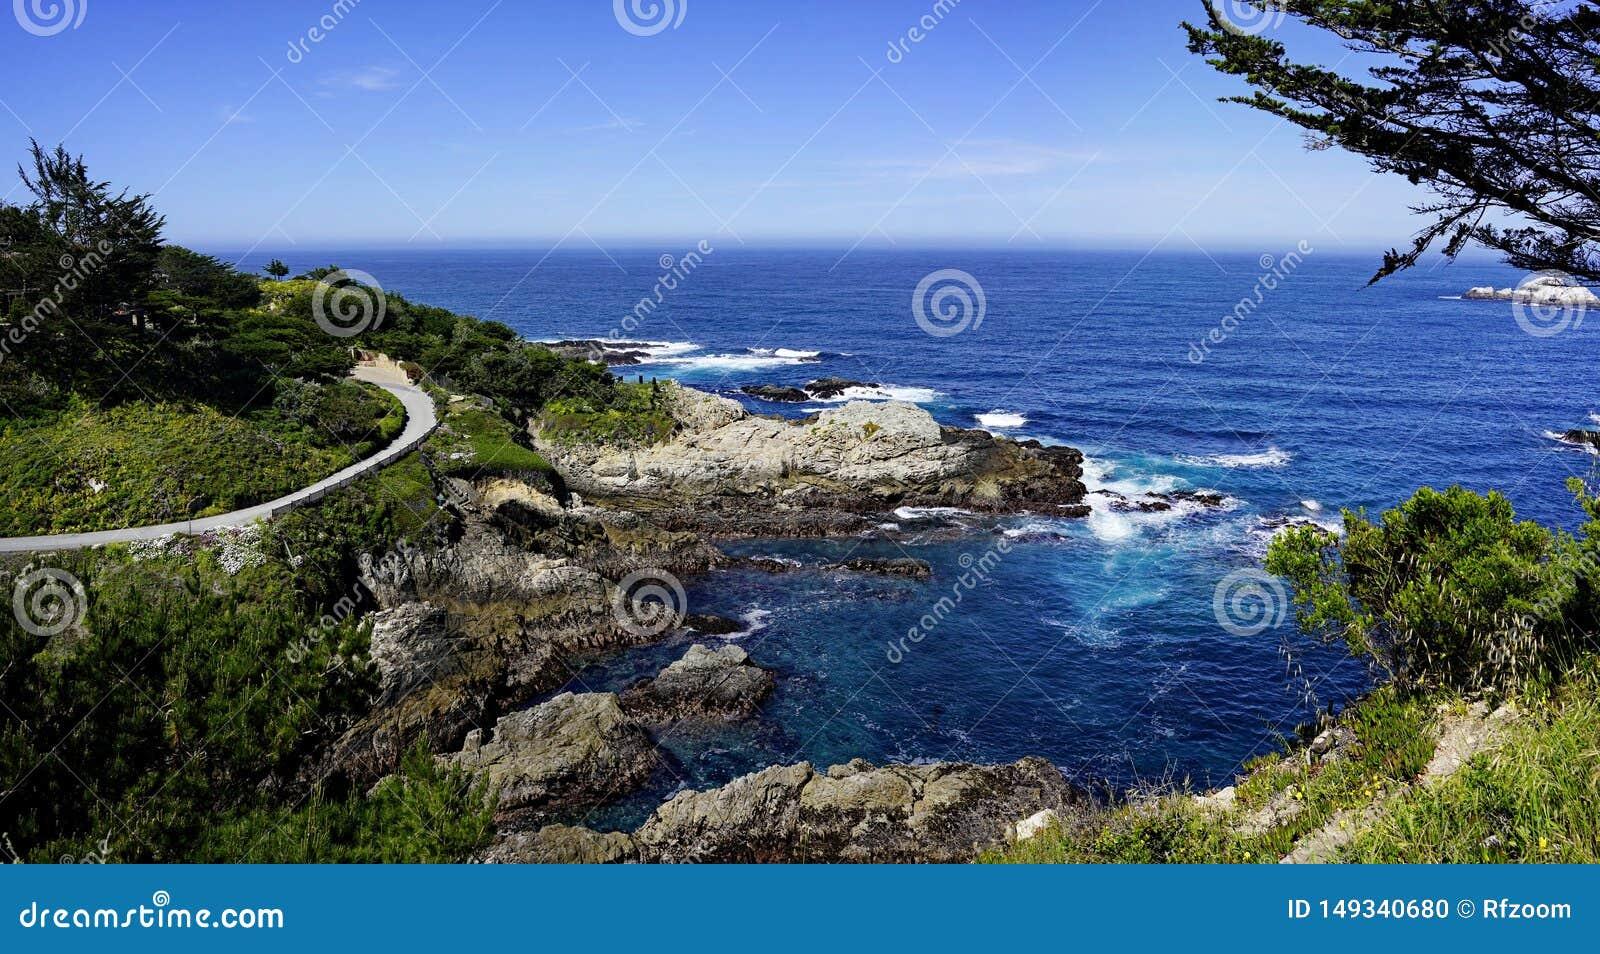 天空蔚蓝和海海岸线风景全景与岩石的太平洋海岸的